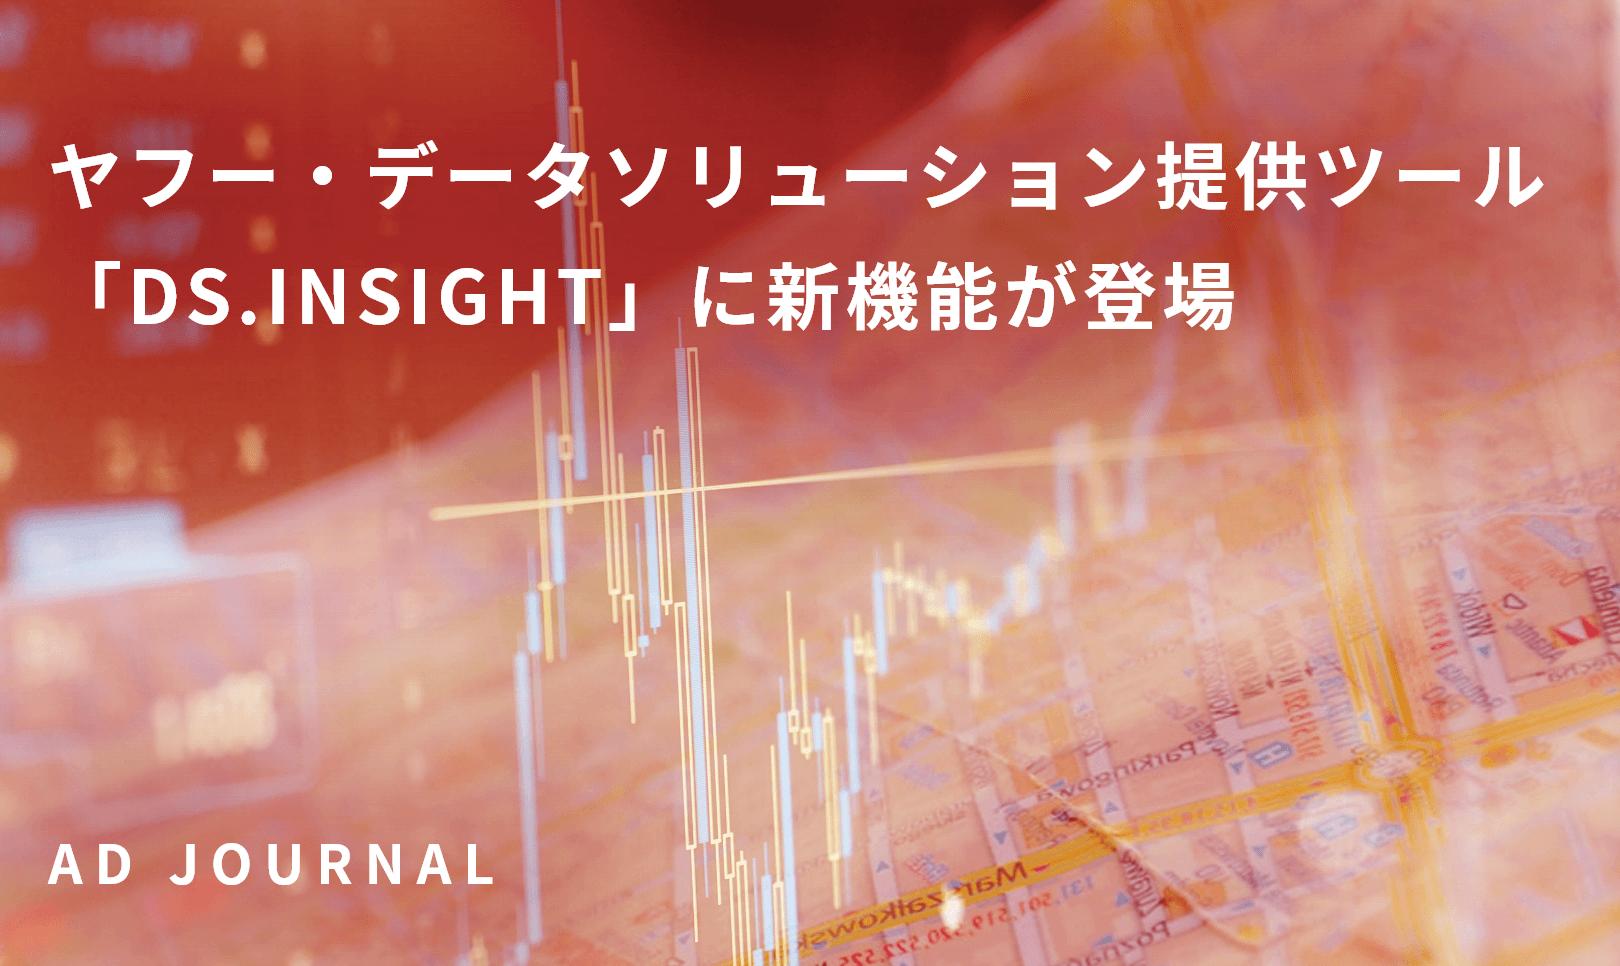 ヤフー・データソリューション提供ツール「DS.INSIGHT」に新機能が登場